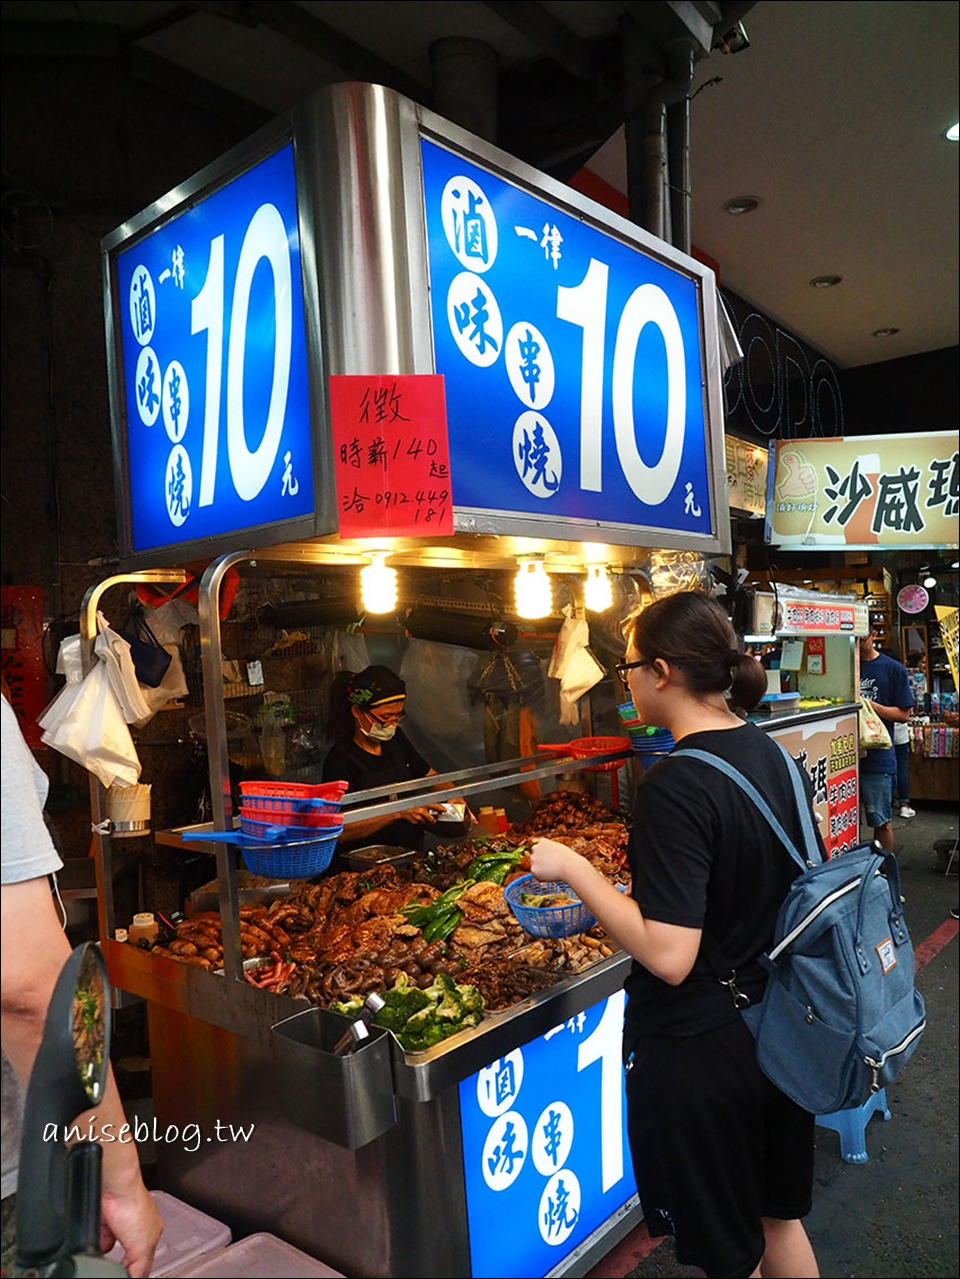 台中一中街美食.在地人推薦精華版,福州包、家家福甘梅薯條、10元滷味、王記麻辣乾麵、21臭豆腐、胖子雞丁、上和園滷味、幸福良心紅茶、燒酒螺、海盜飯糰